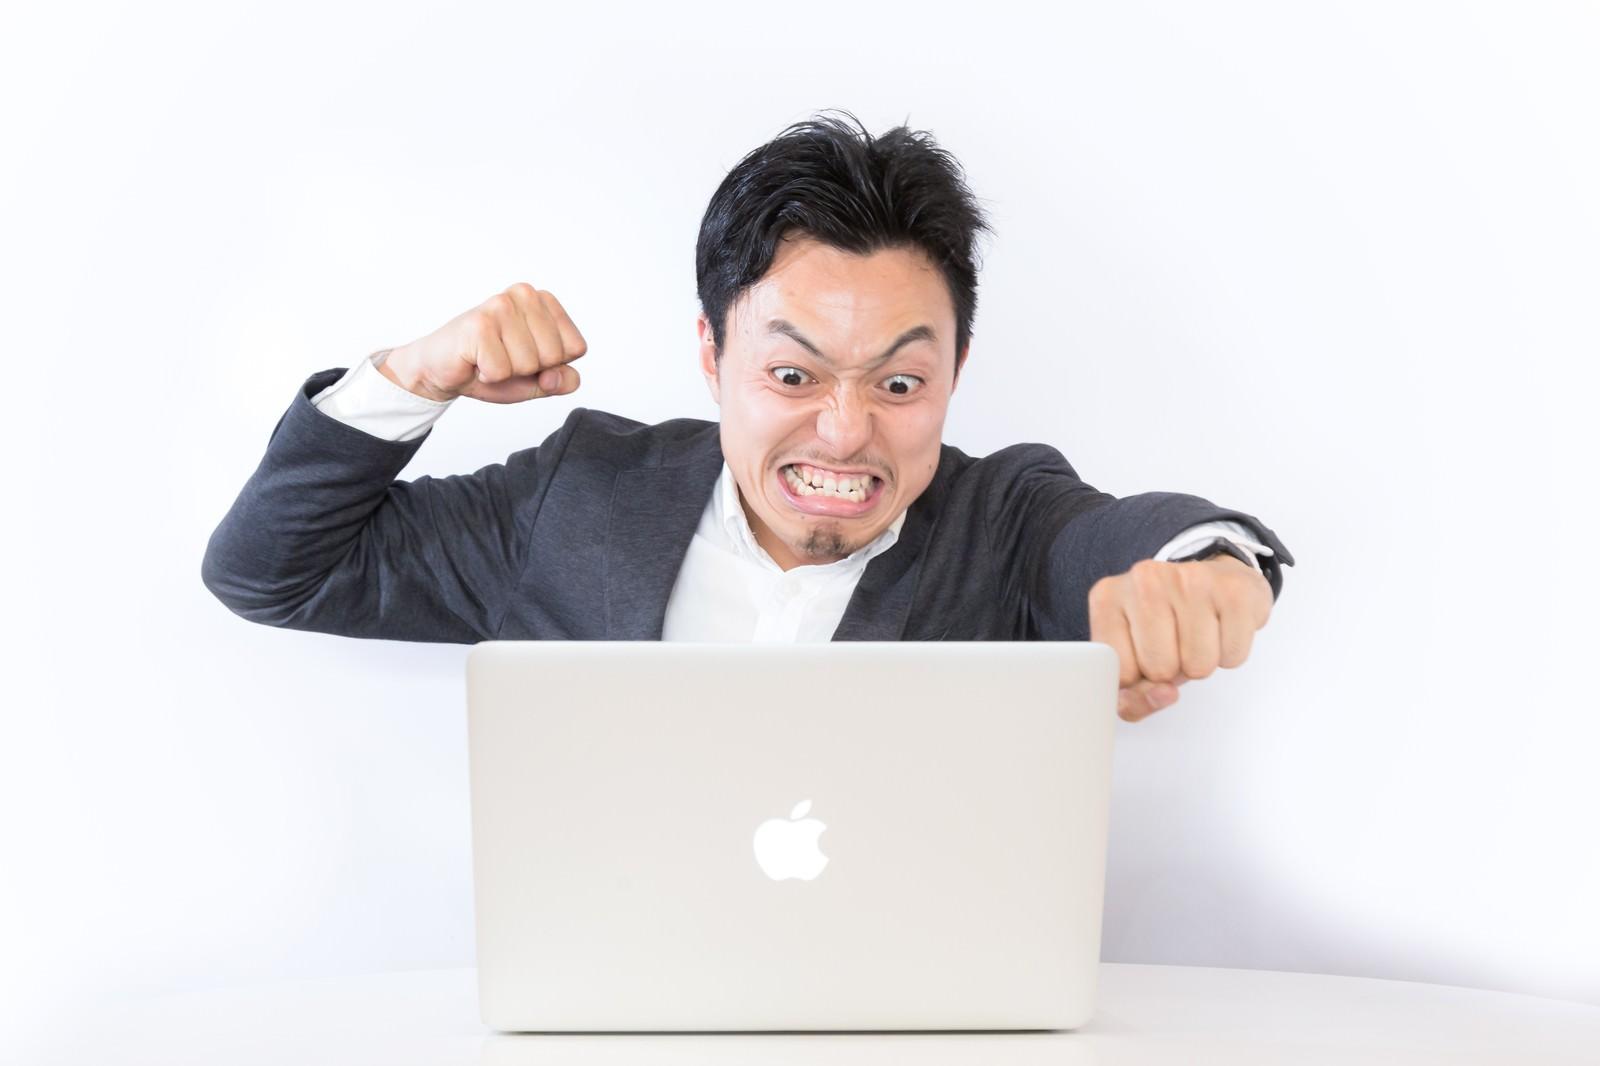 「誹謗中傷のコメントに怒るブロガー誹謗中傷のコメントに怒るブロガー」[モデル:藤沢篤]のフリー写真素材を拡大